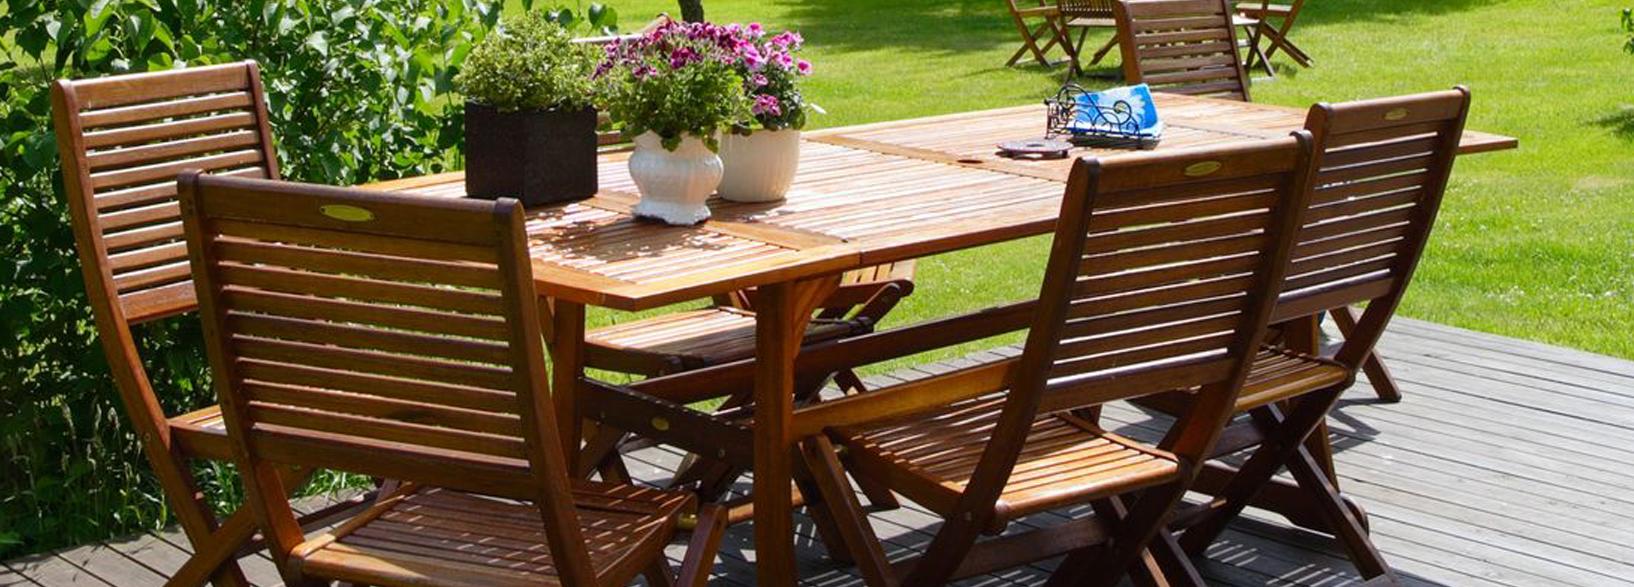 Schutzhaube Für Gartenmöbel: Maßgeschneidert In Bester Qualität